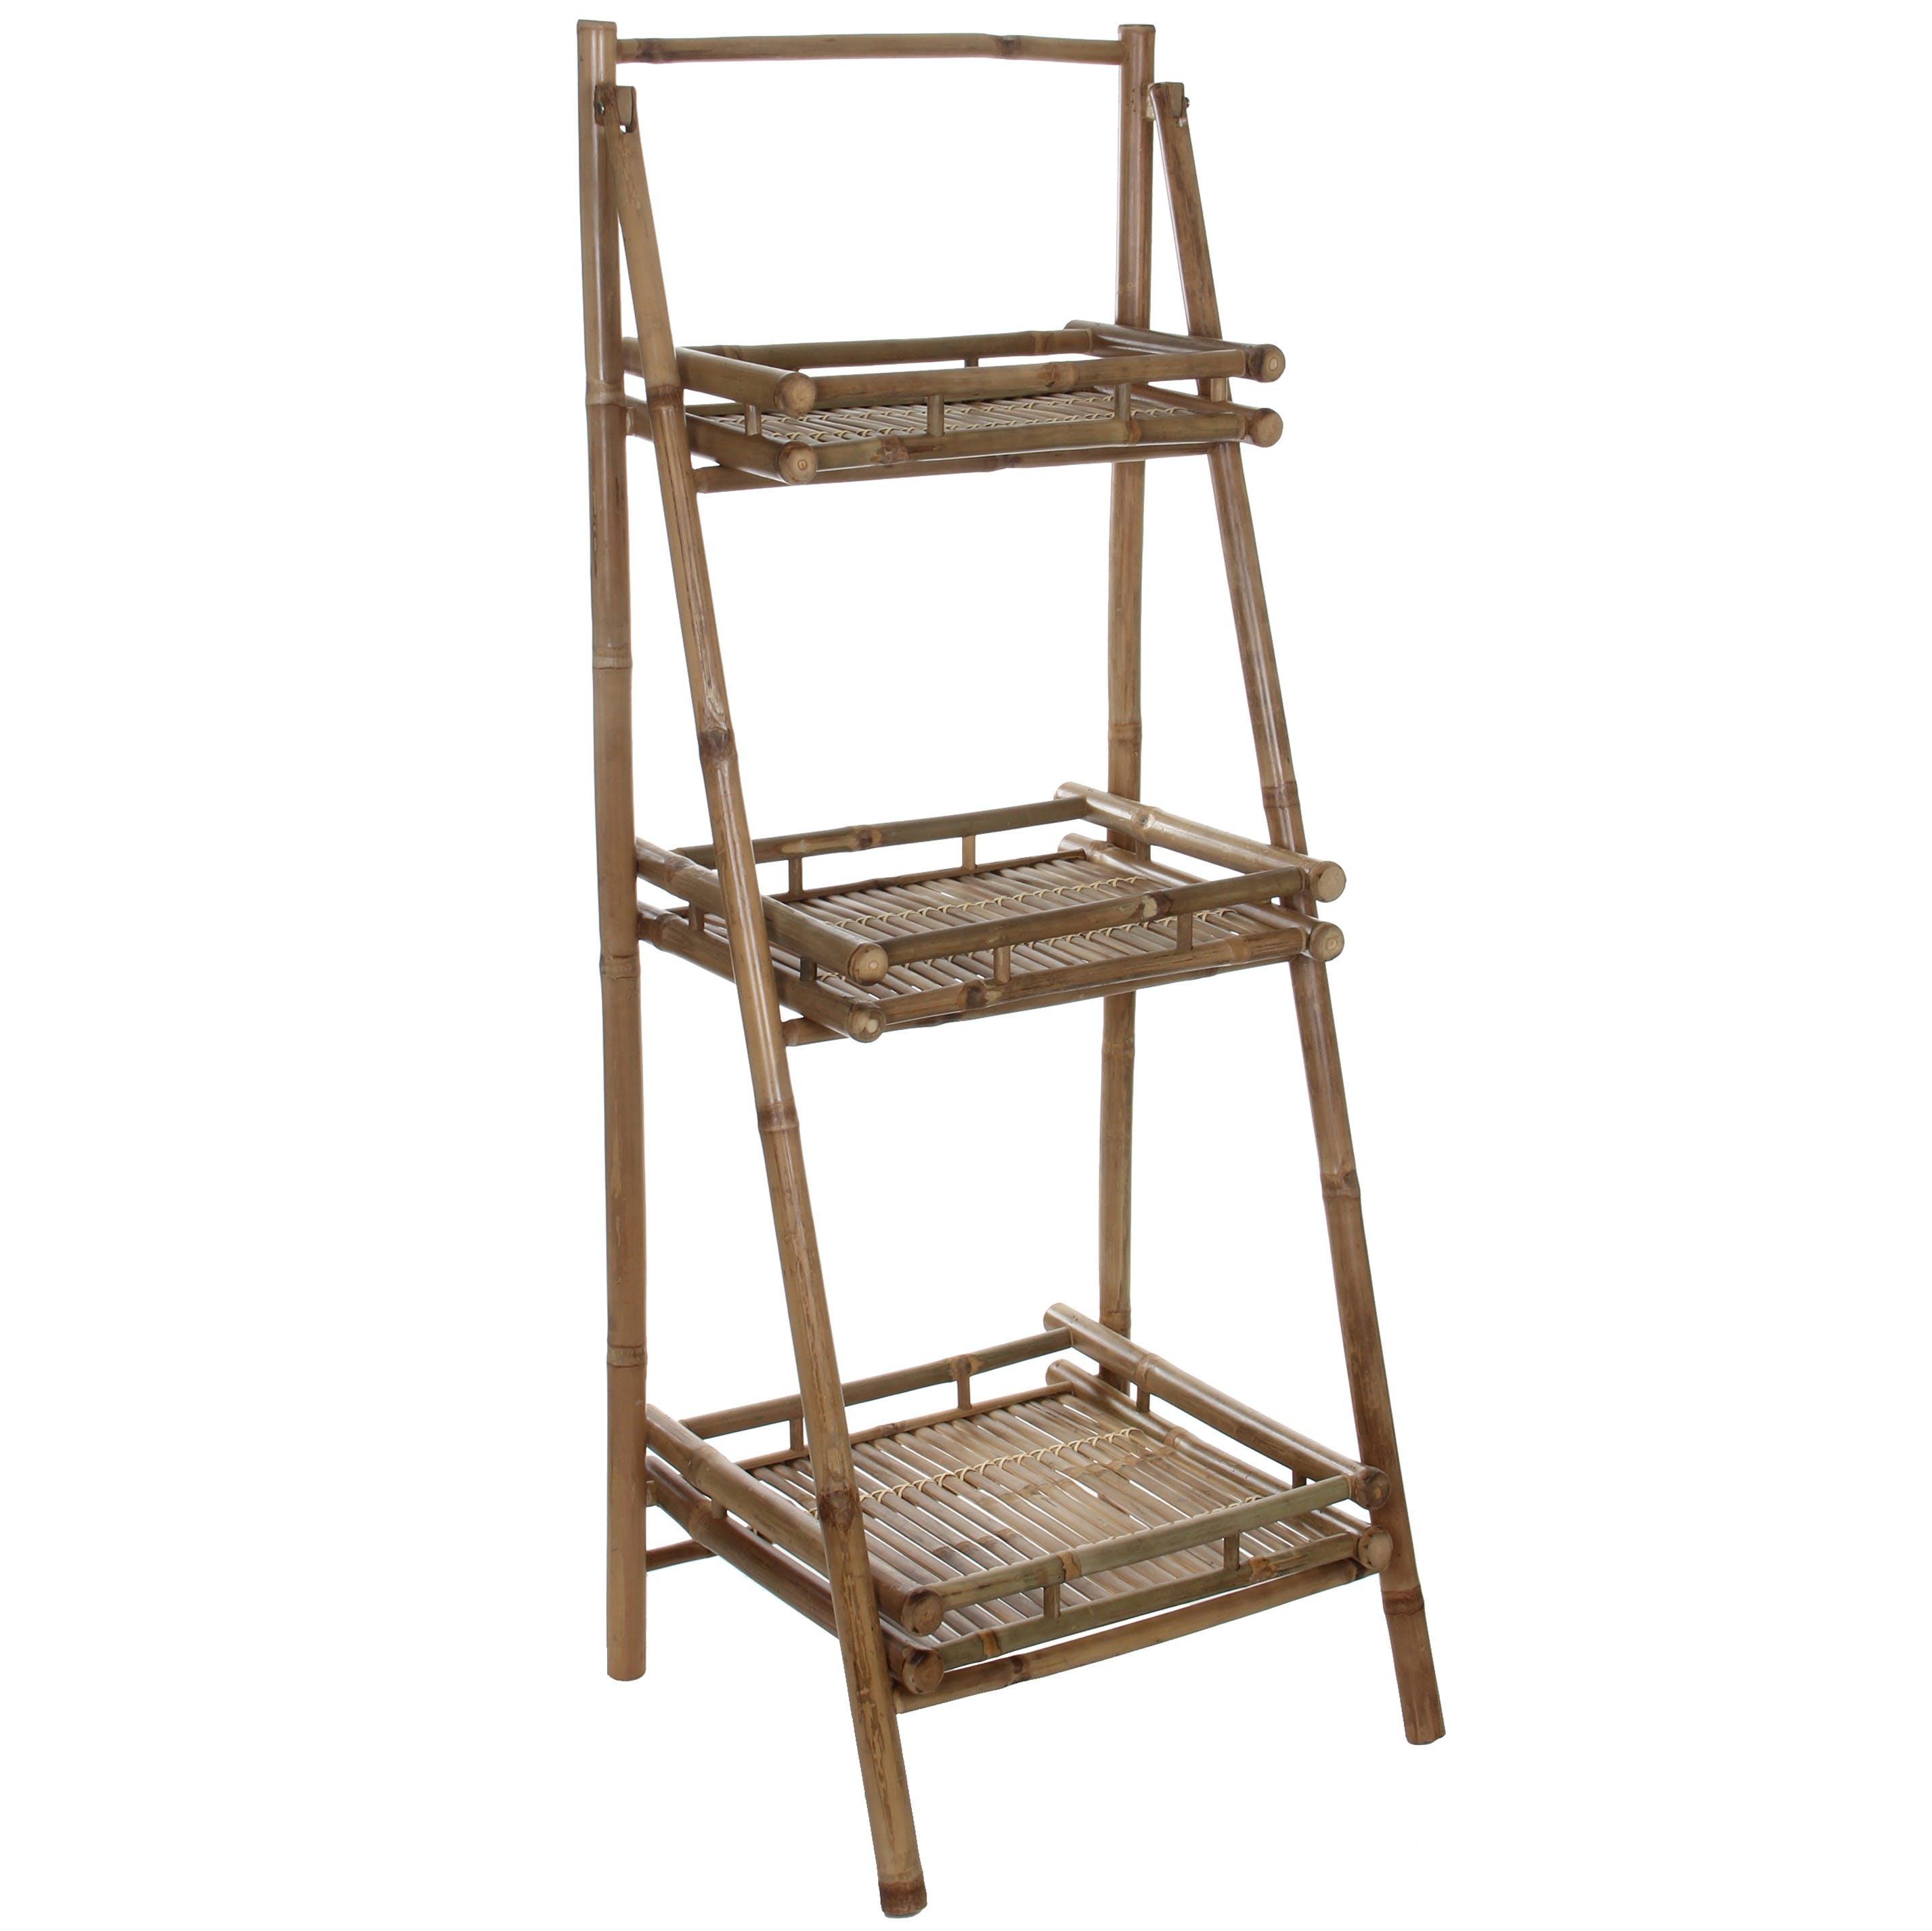 Meuble escalier 3 ètages en bambou 145 cm